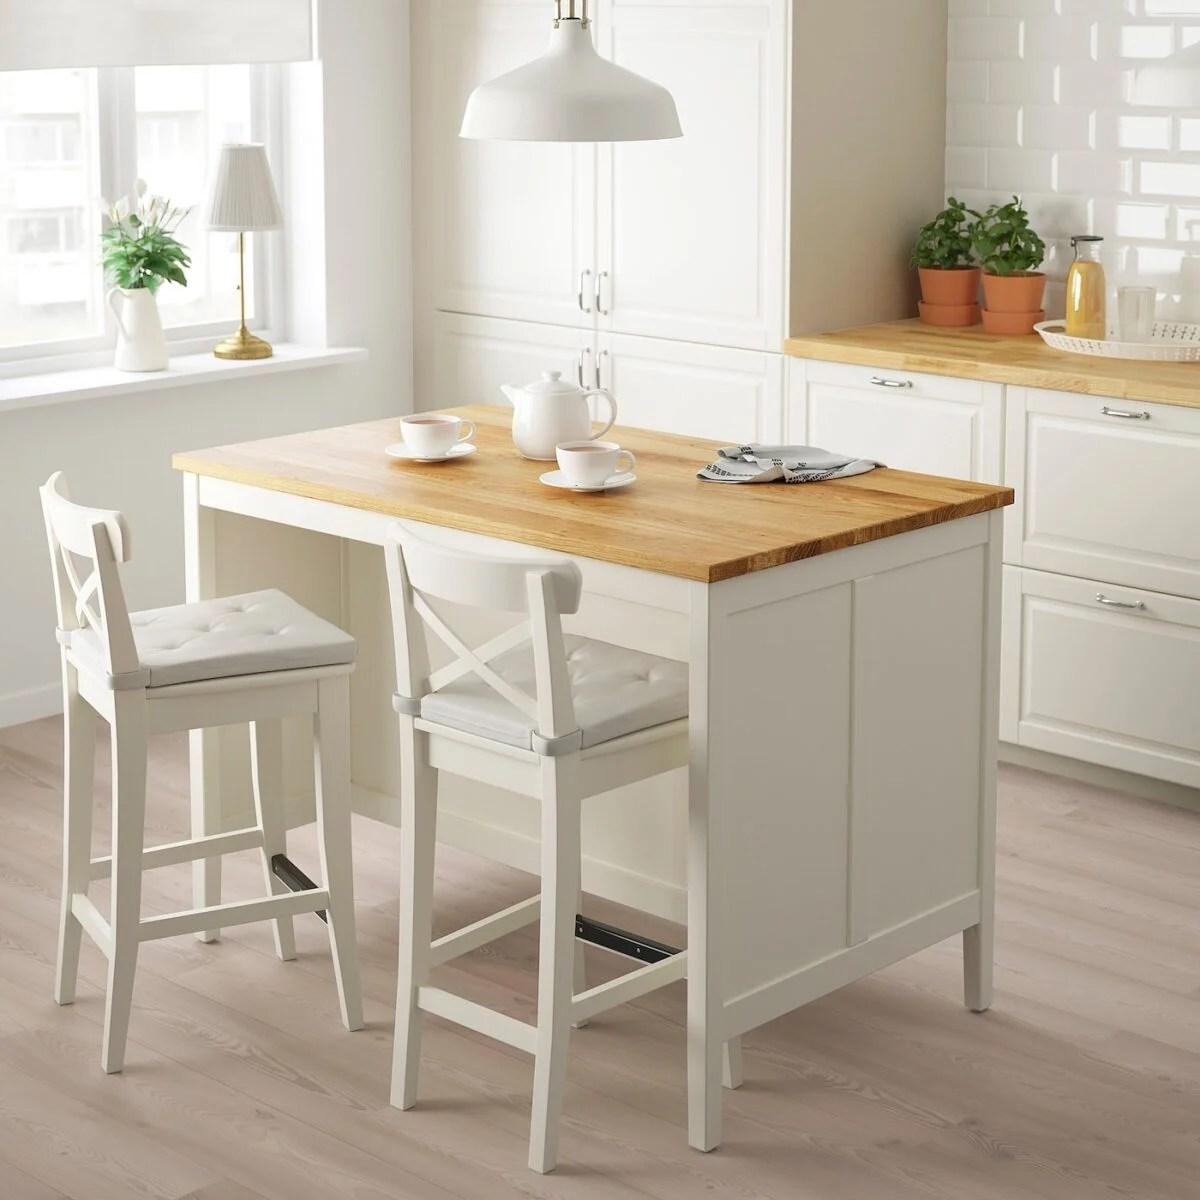 Ikea offre da sempre un'ampissima scelta di prodotti capaci di soddisfare qualsiasi esigenza. Ikea Sedie Cucina Offerte Caratteristiche E Prezzi